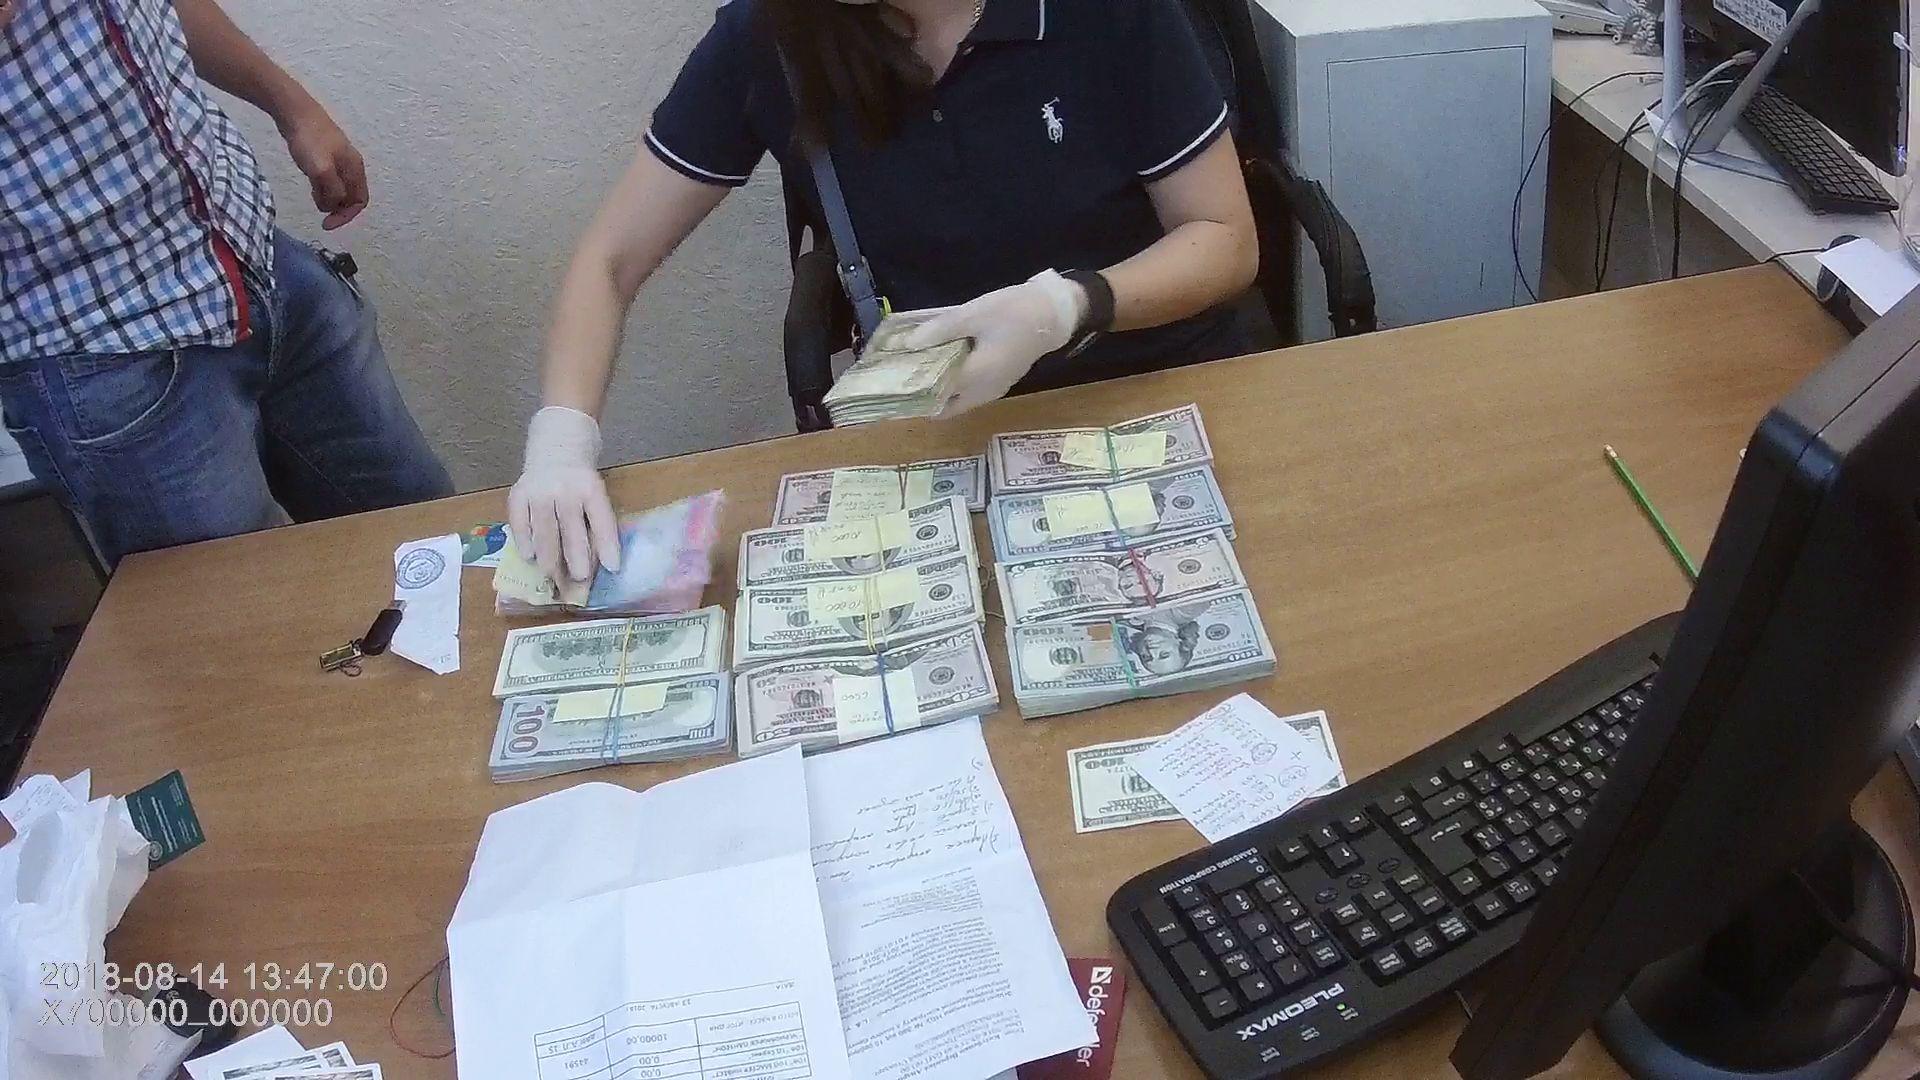 Працівники податкової викрили схему мінімізації митних платежів (Фото)